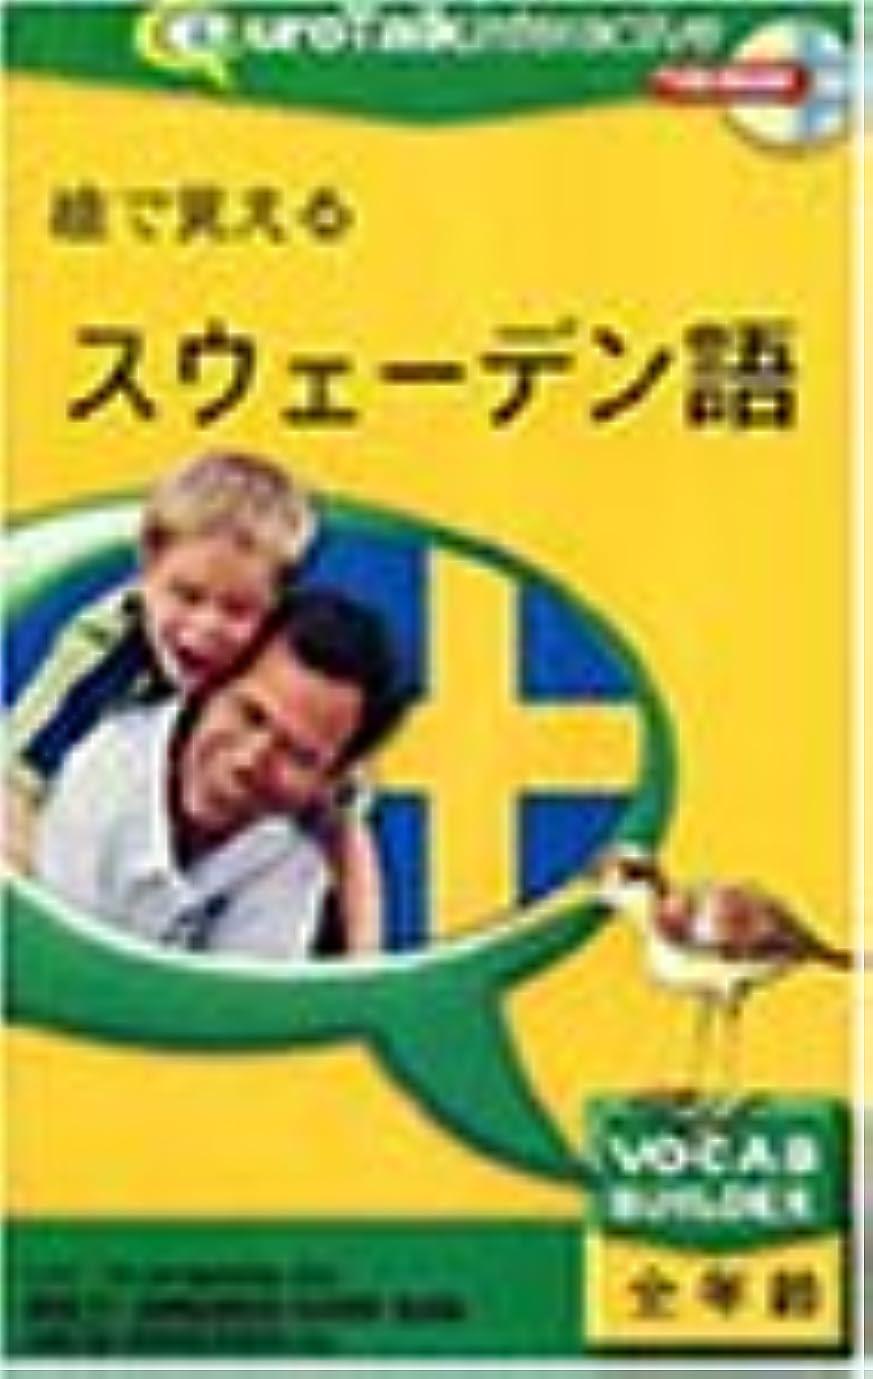 失望指定するスロープ絵で覚えるスウェーデン語